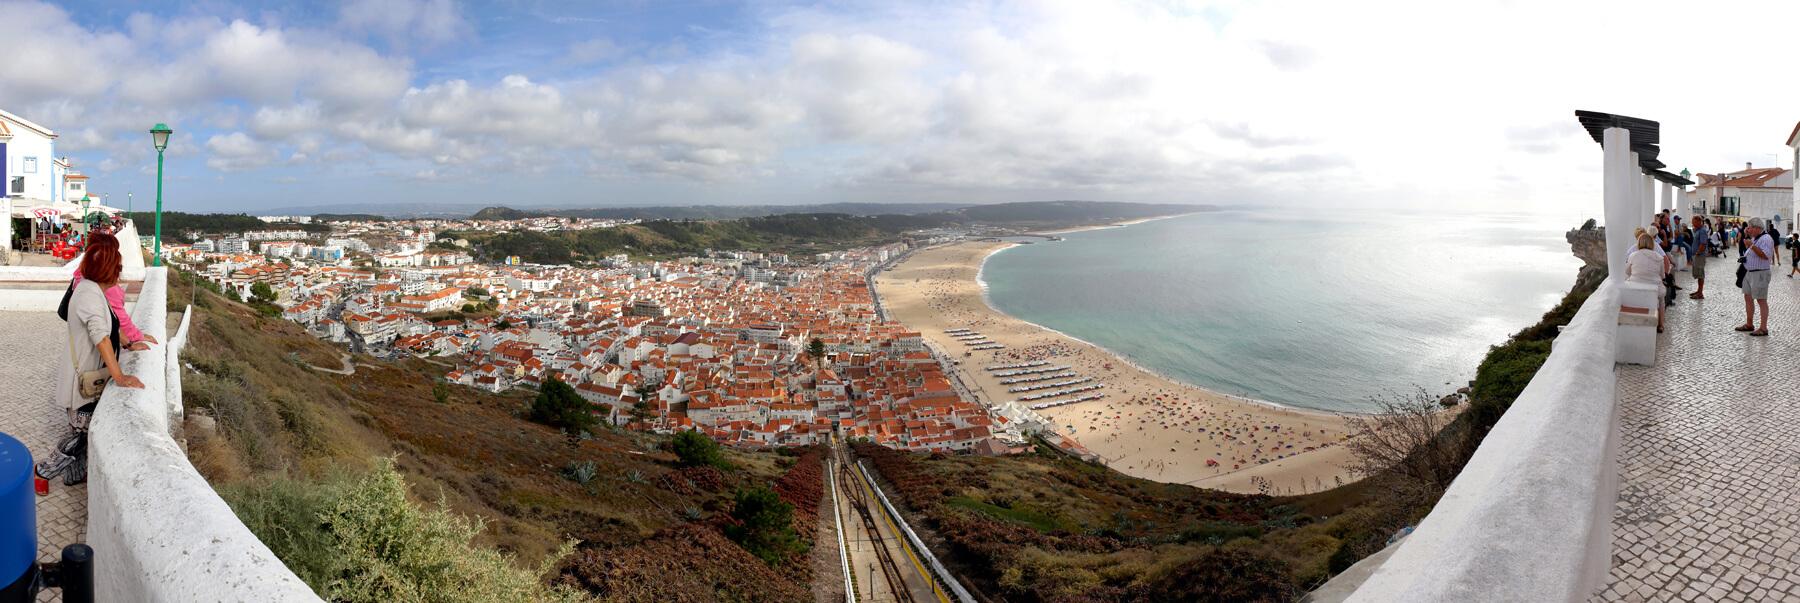 Вид с обзоной площадки Мирадору ду Суберку